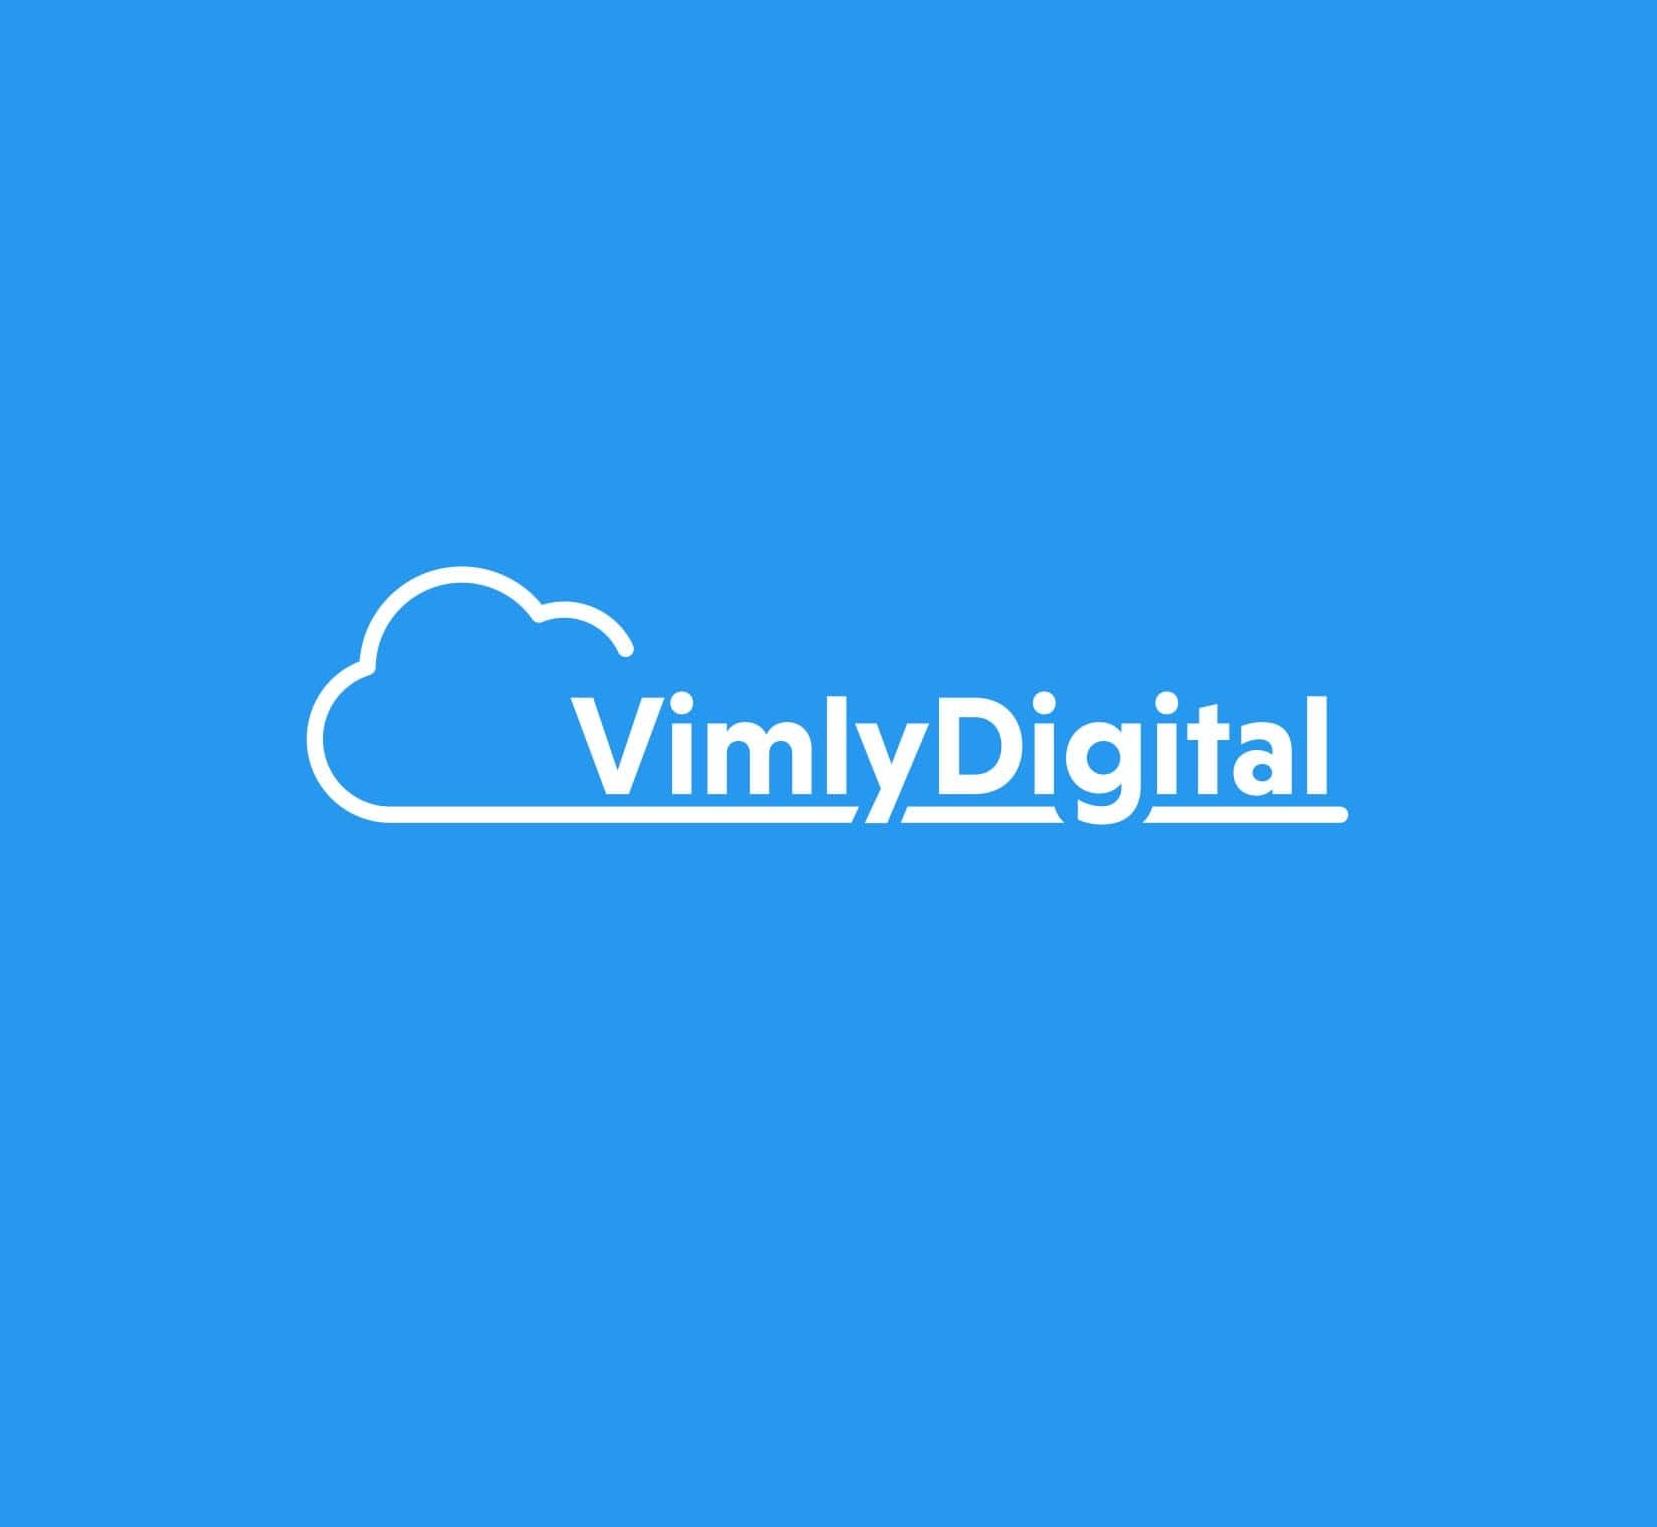 Vimly Digital Logo